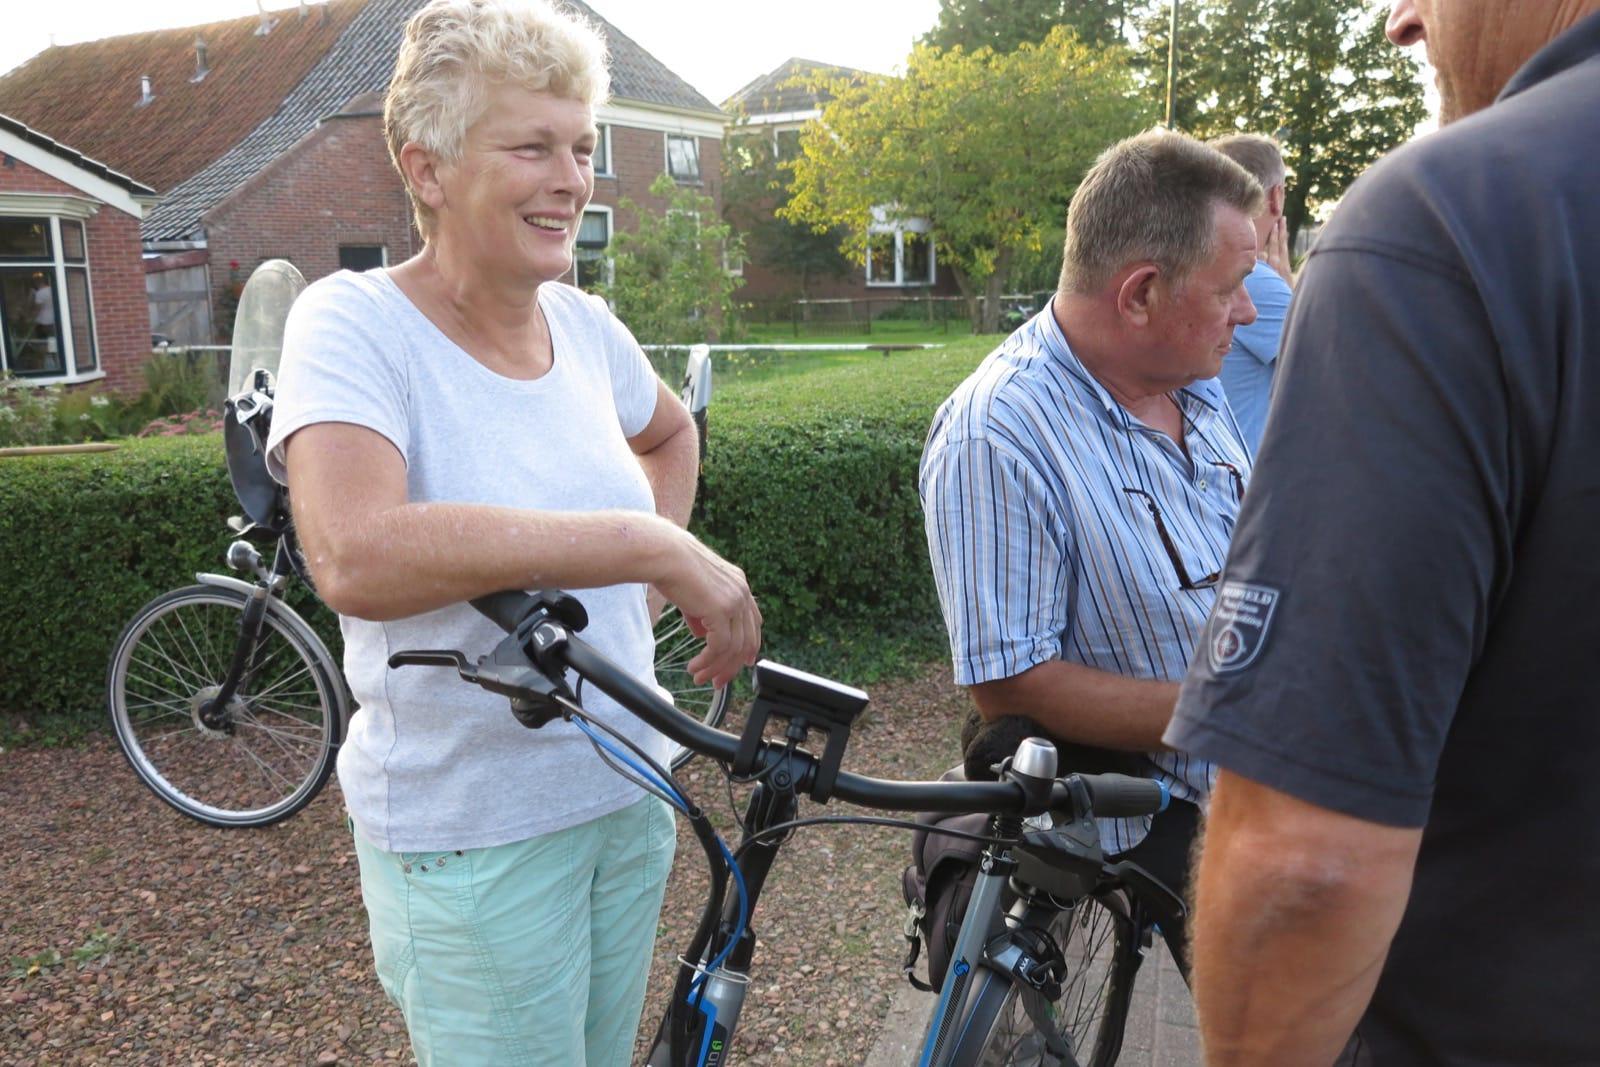 et-fiets-en-fietser-81-janna-hofstede-bij-viswedstrijd-15-9-oi.jpg